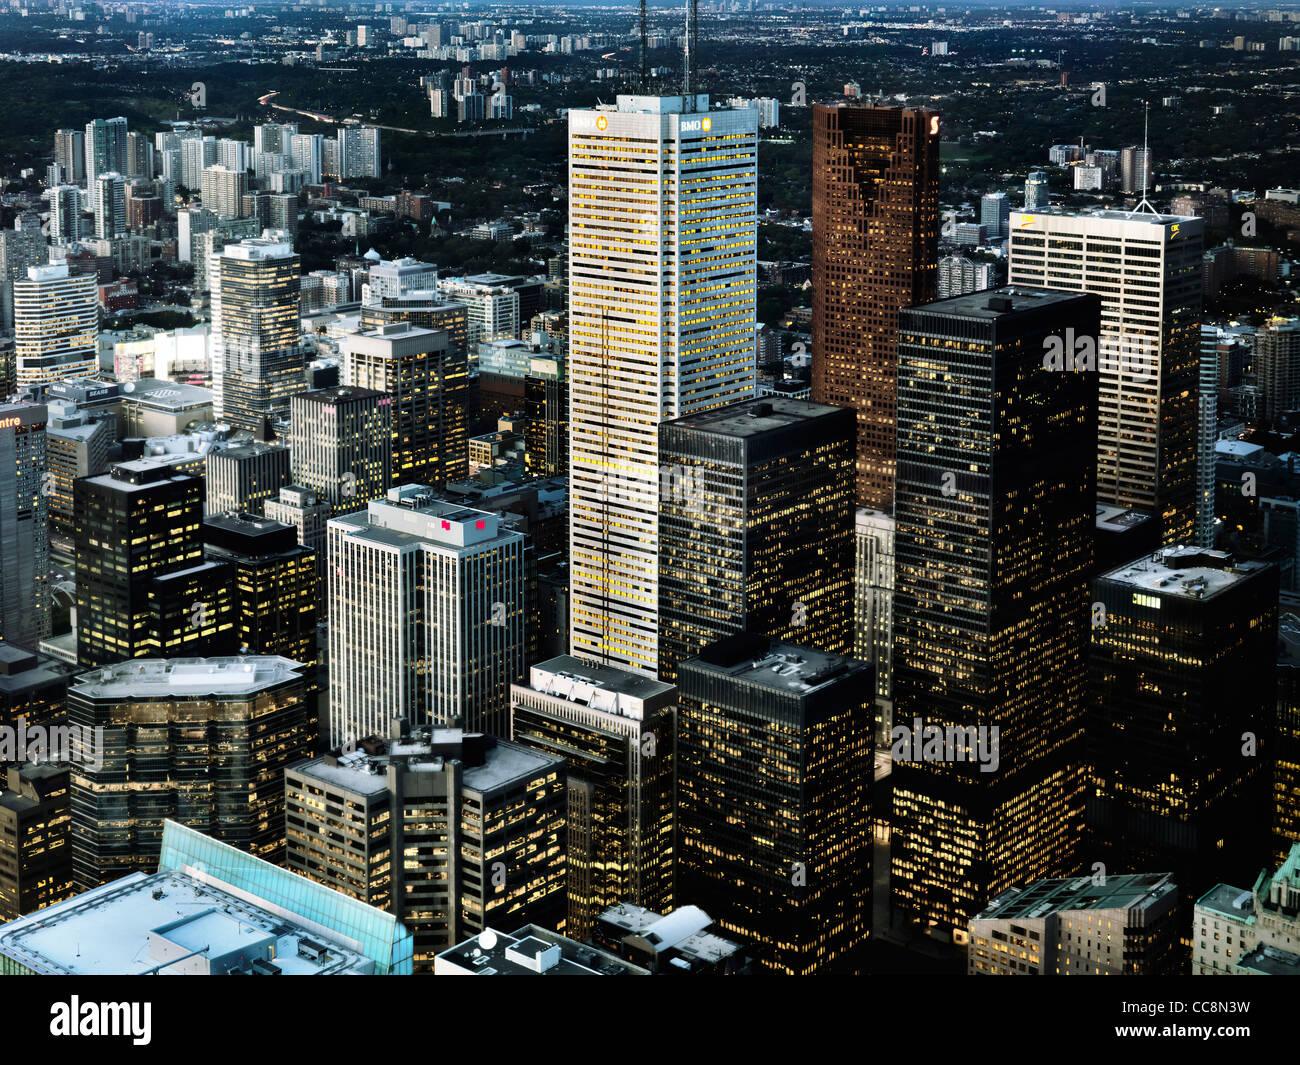 Luftaufnahme der Stadt Toronto Downtown Türme in der Abenddämmerung, Ontario, Kanada 2009. Stockbild